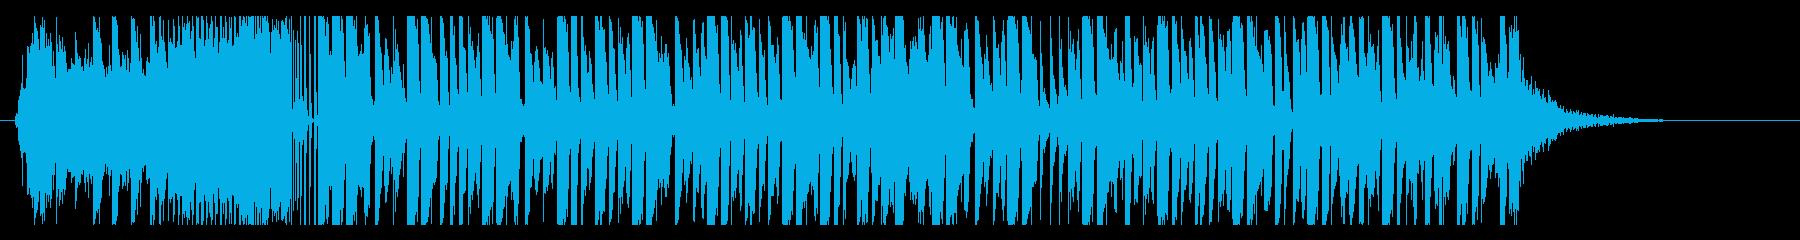 機械的で疾走感のあるデジタルビートの再生済みの波形